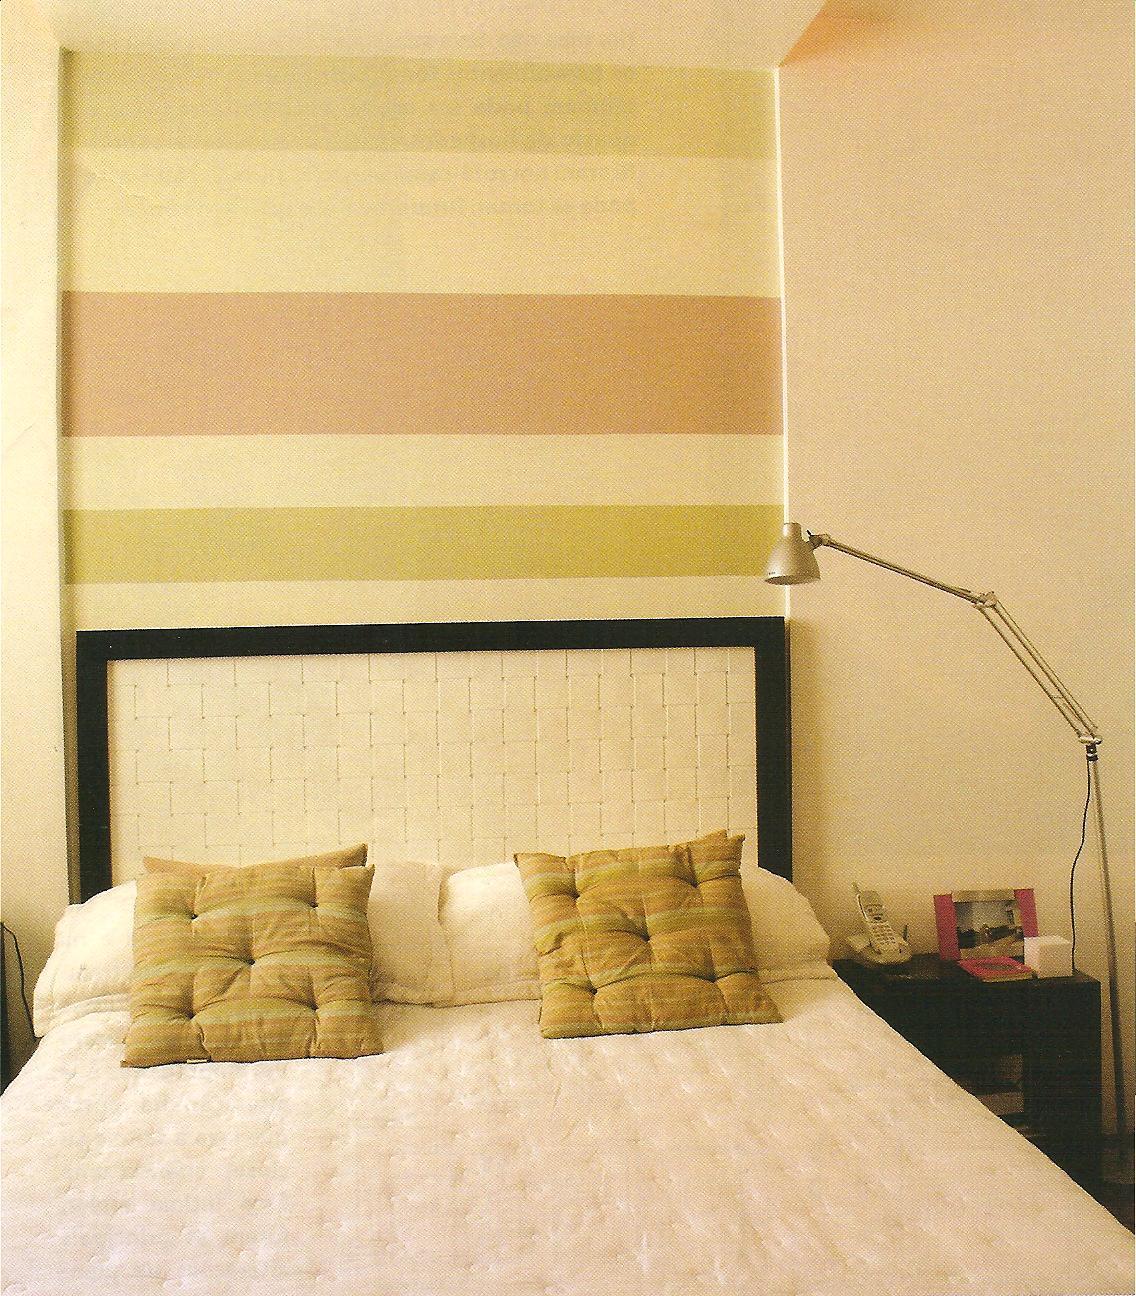 Cor combina es quarto dicas pra pintar sua casa - Pintura dorada para paredes ...